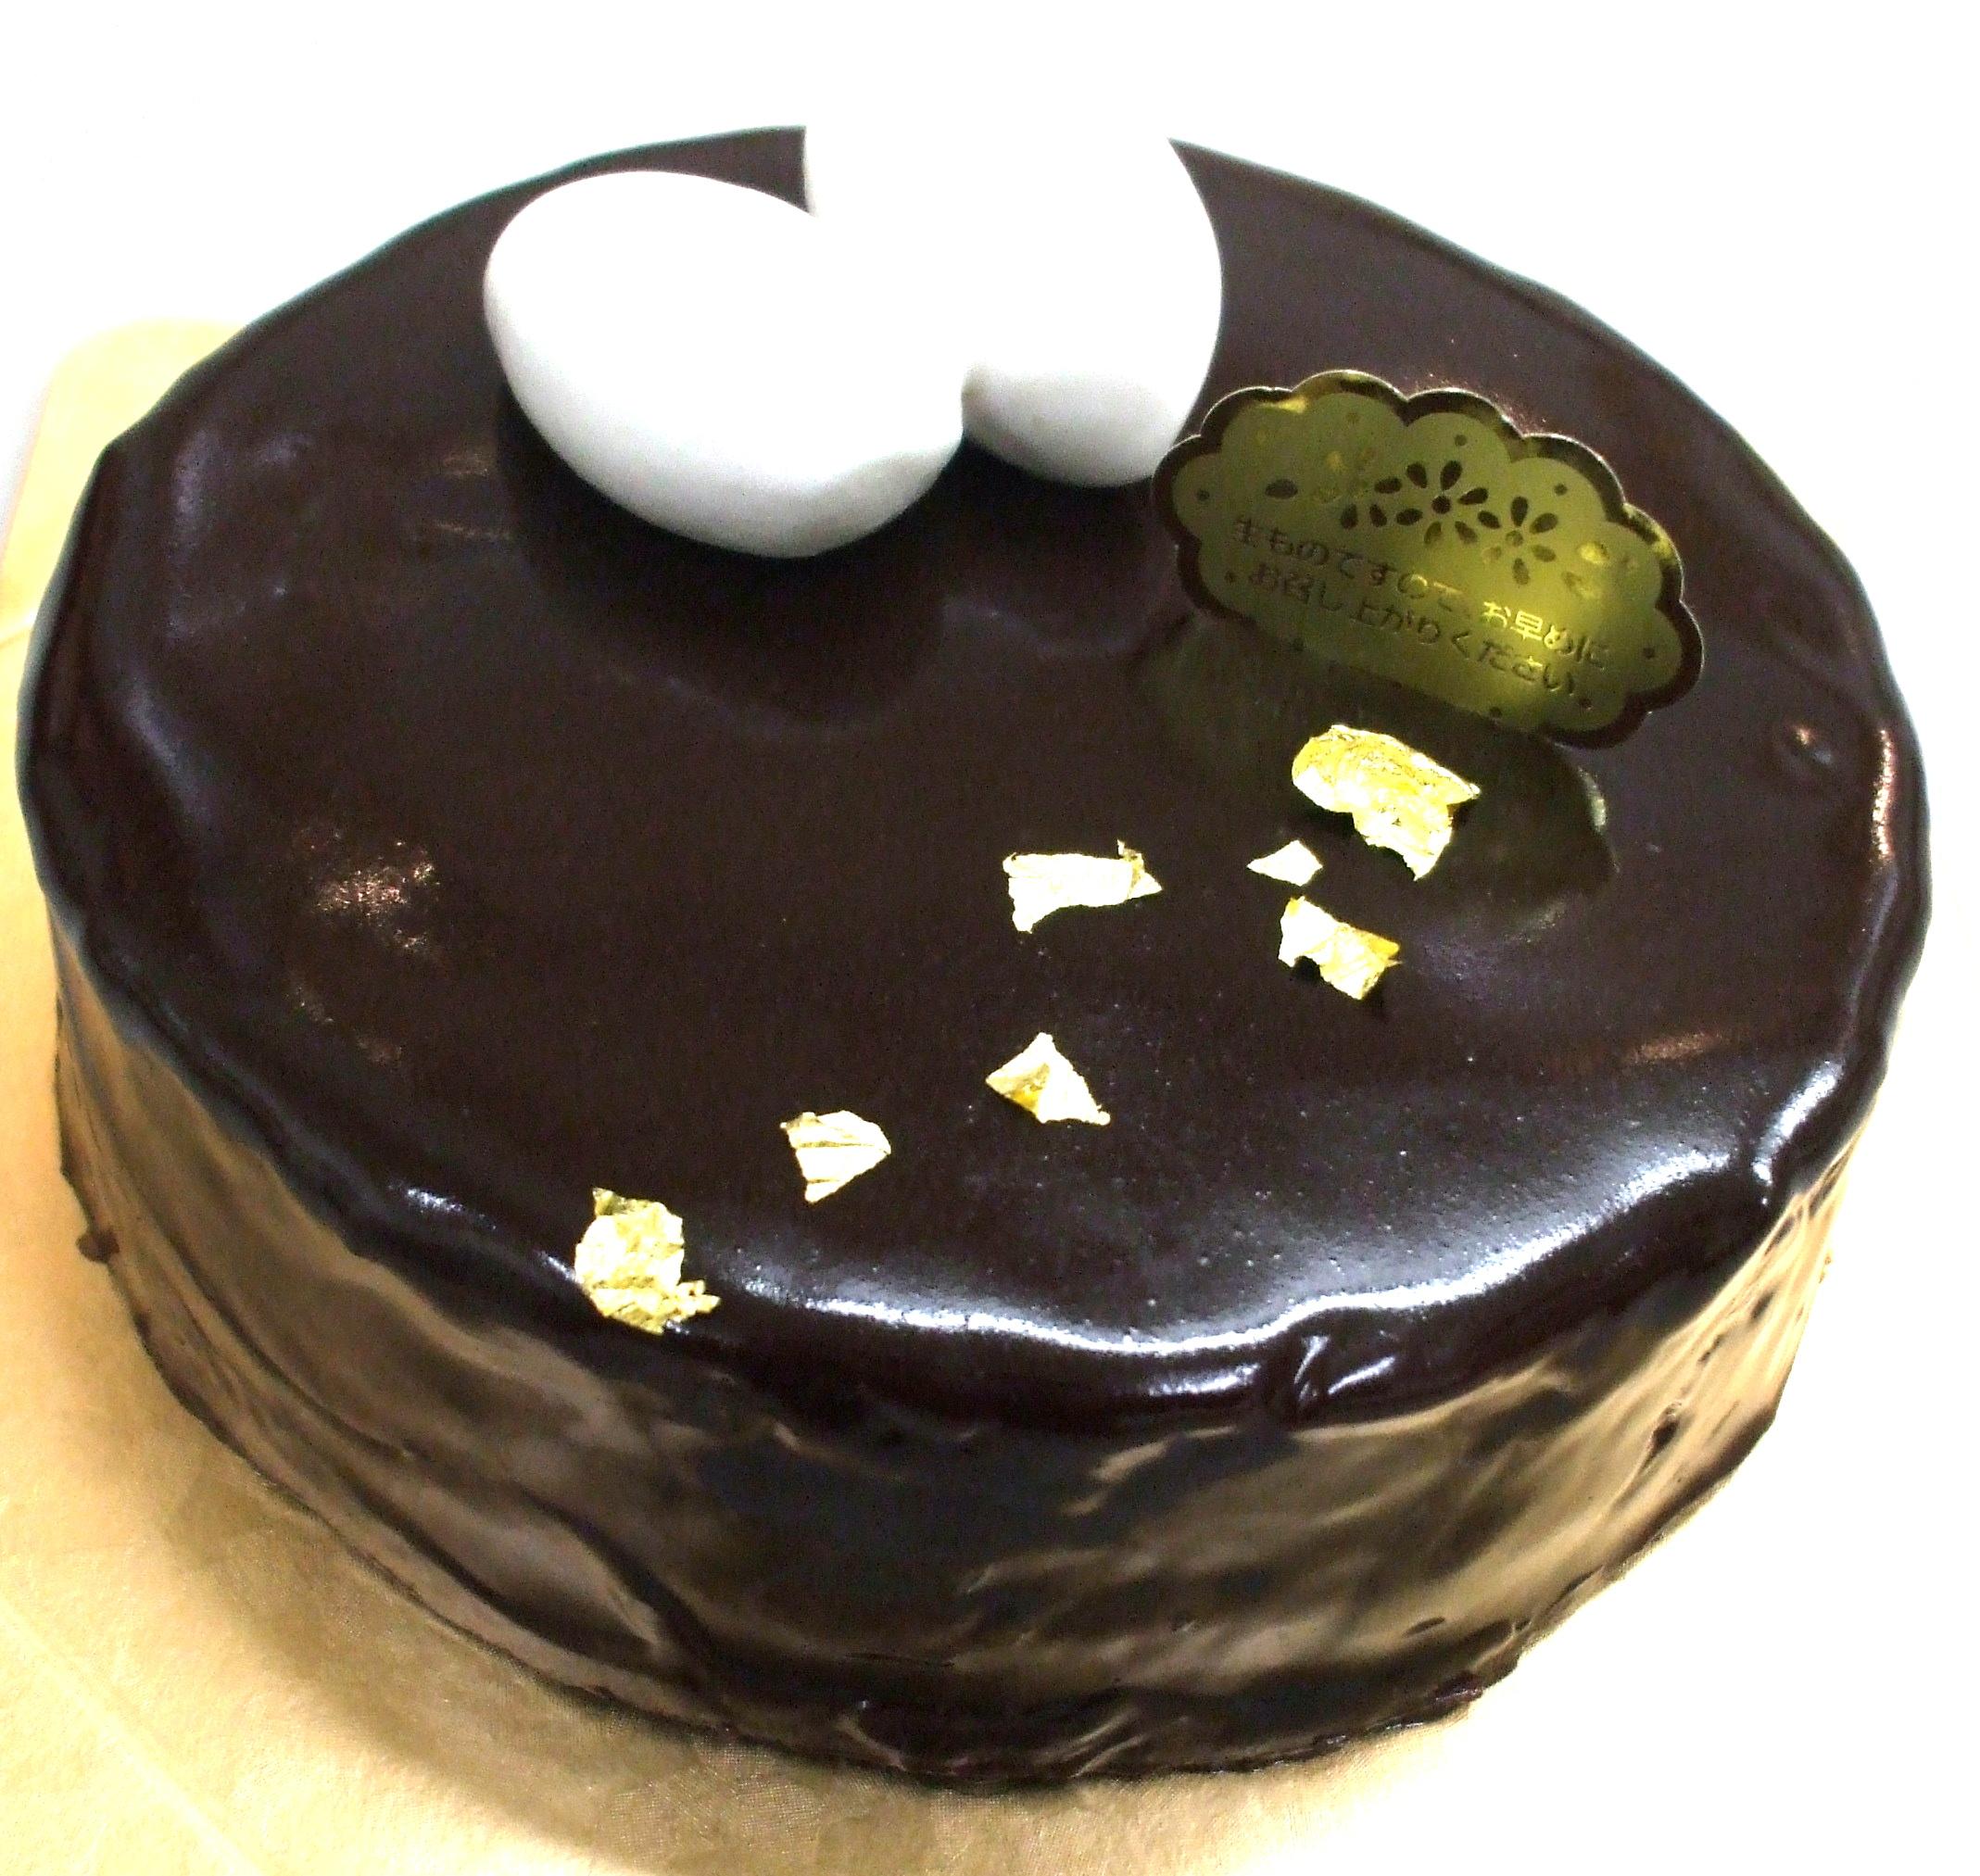 アレルギー 対応 ケーキ ショコラフレーズ